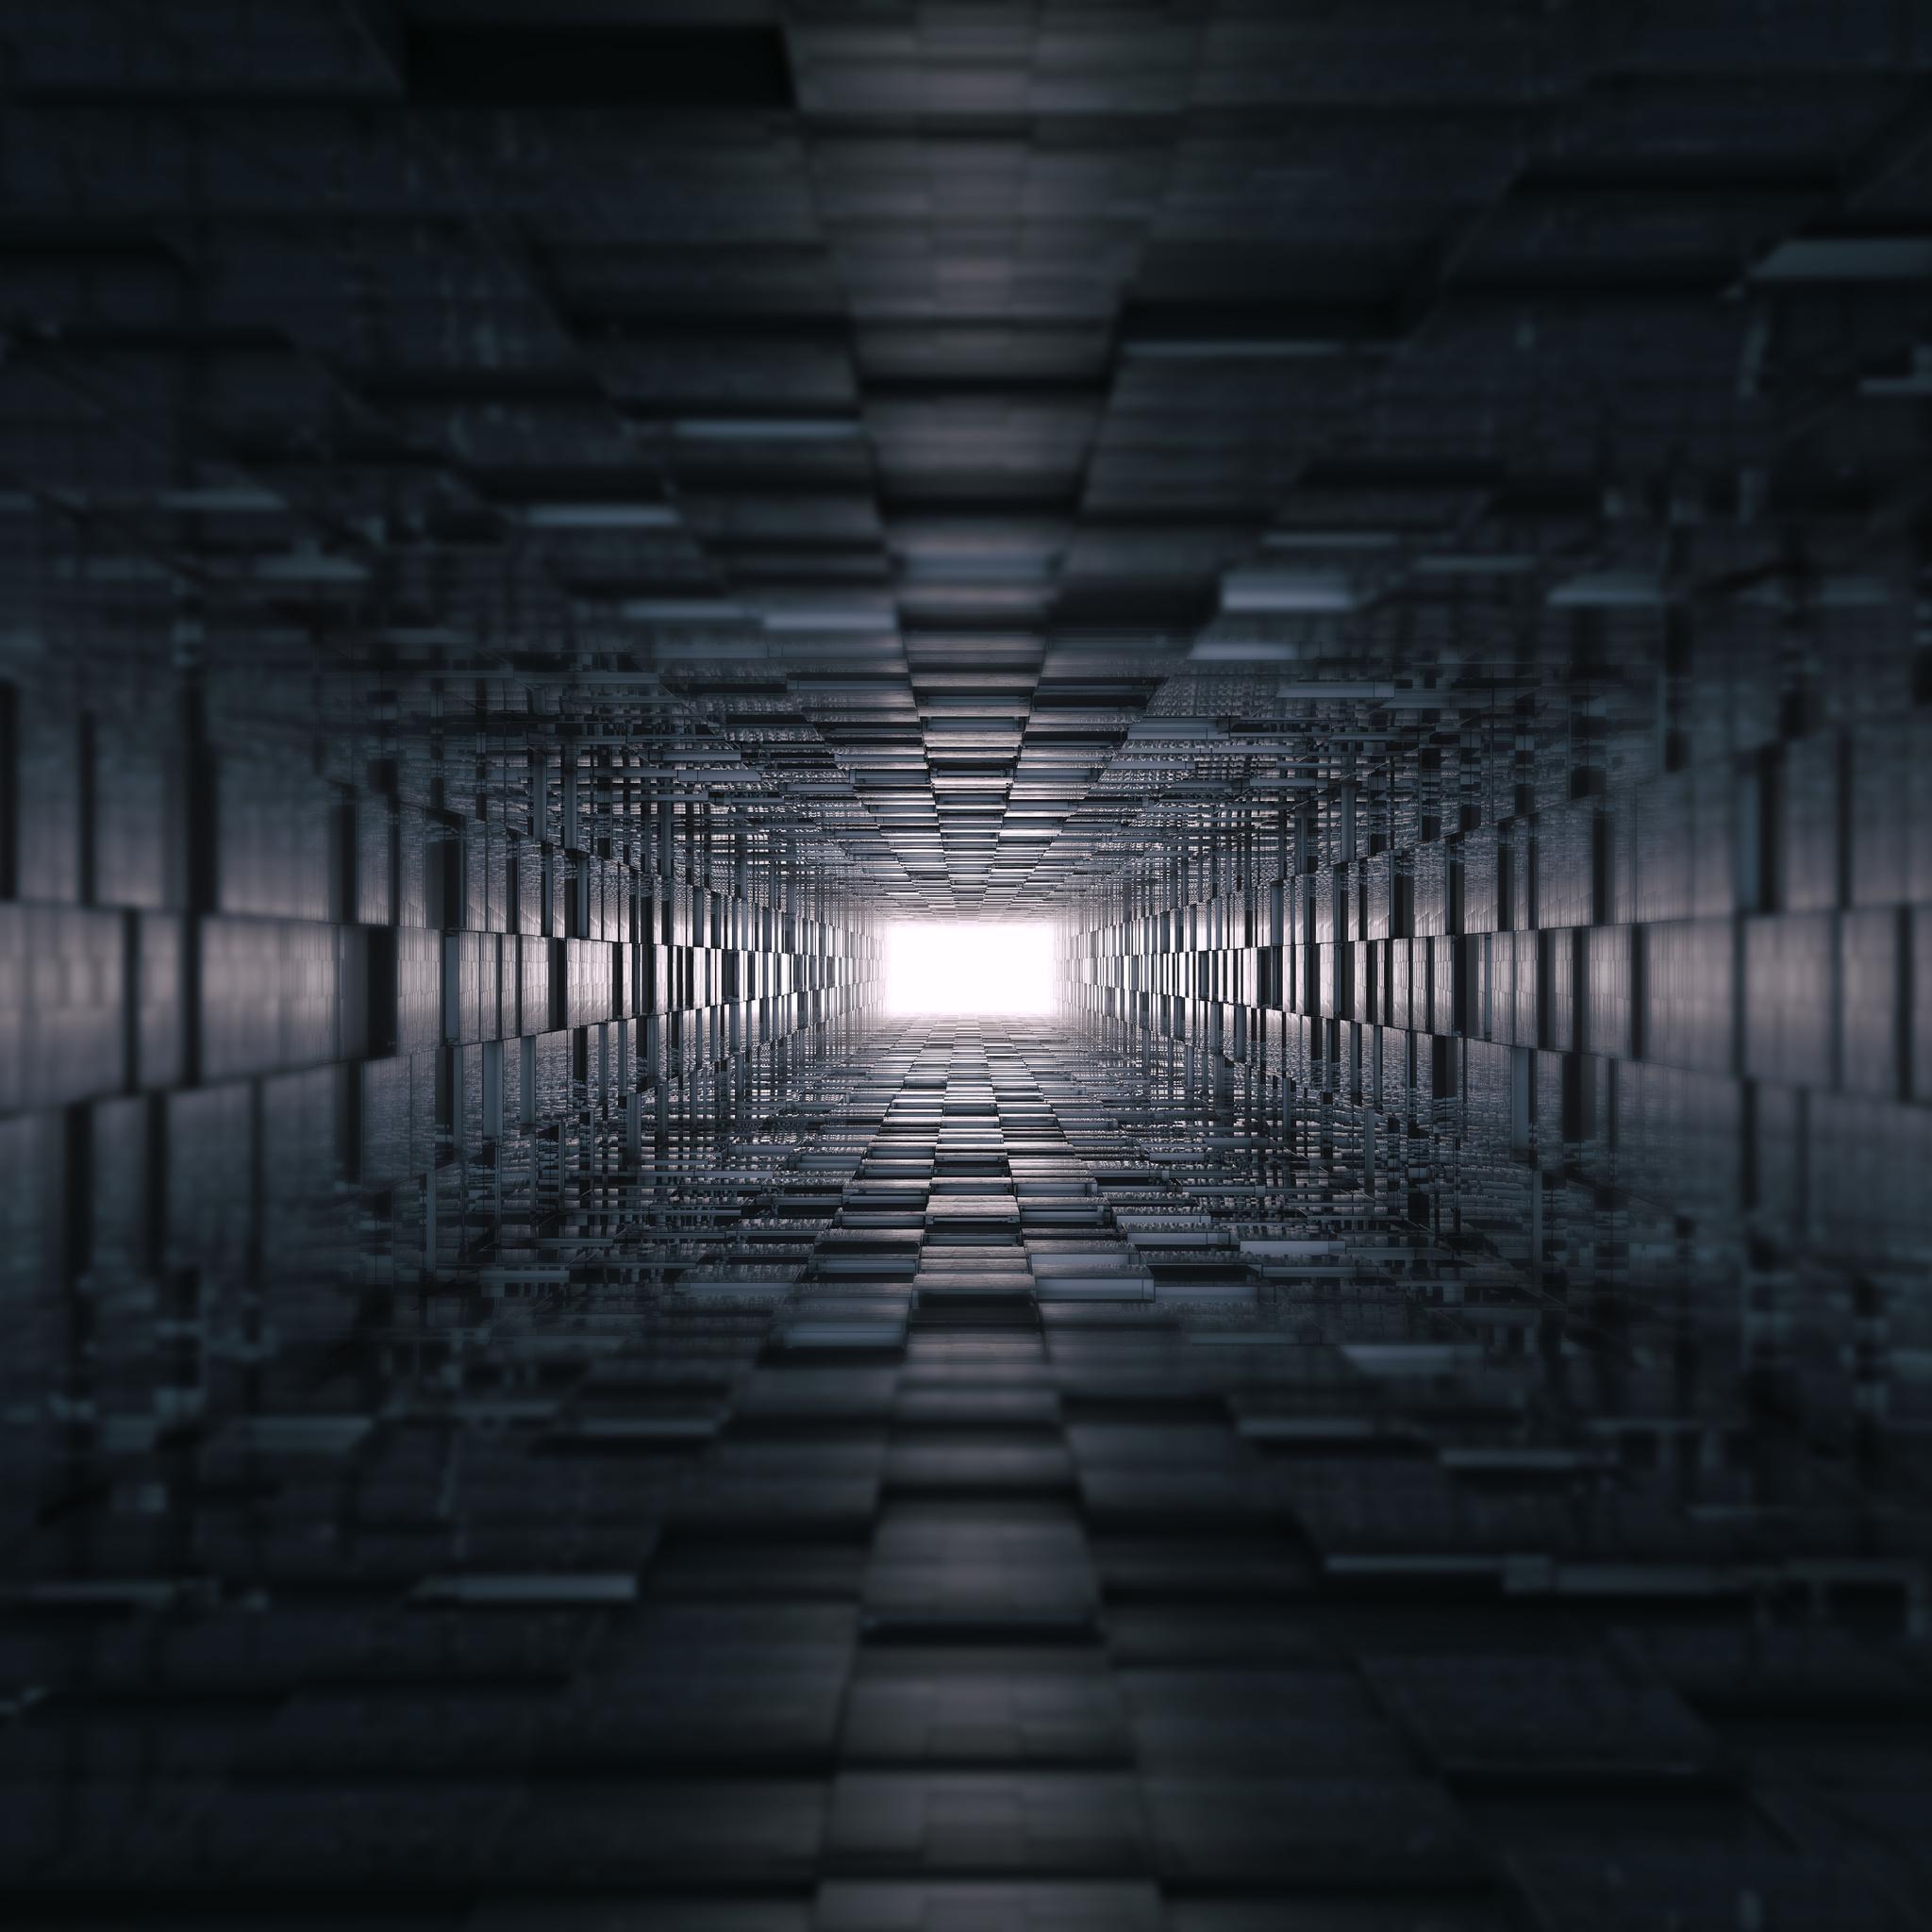 3d-tunnel-abstract-8k-ol.jpg